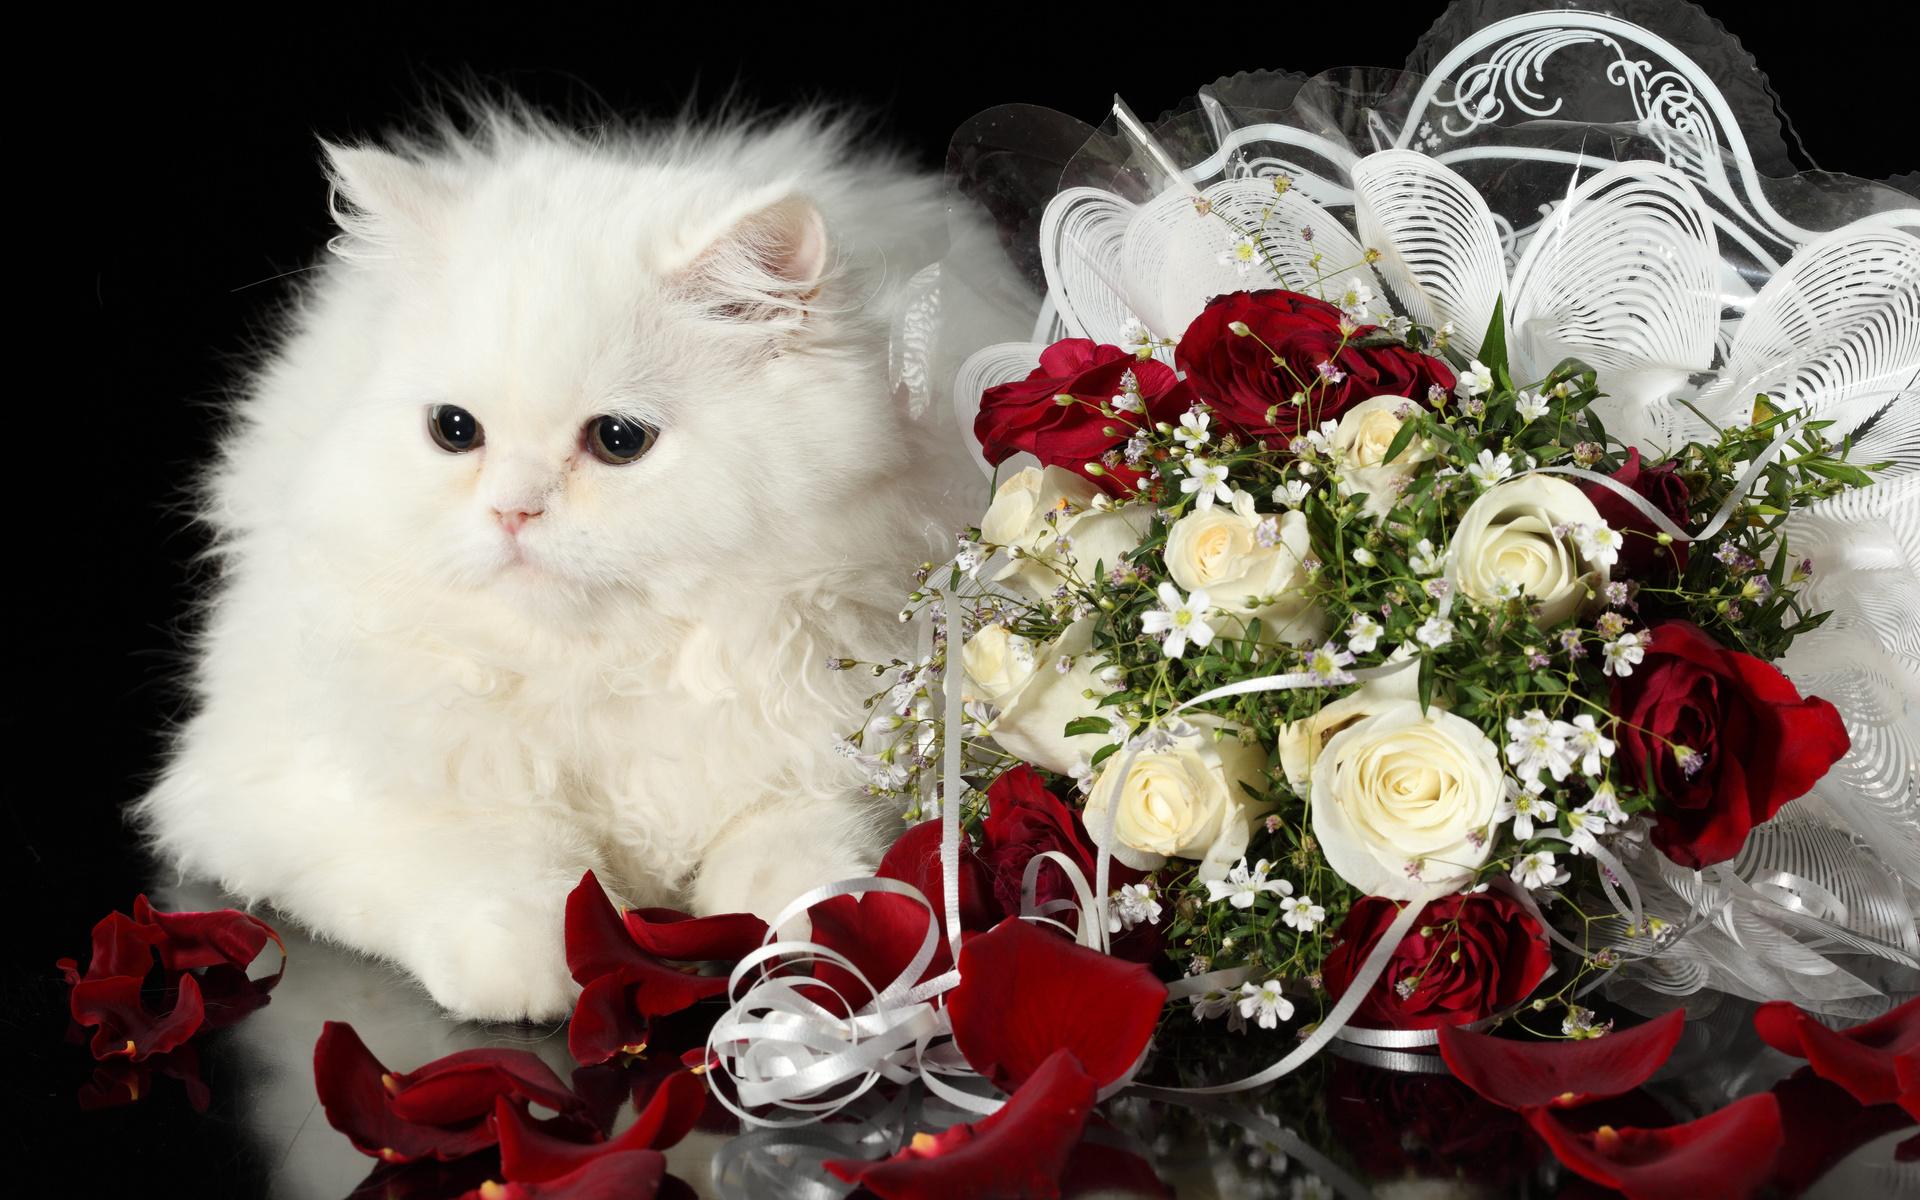 Cat Kitten Kittens Holidays Holiday Baby Petals Flowers Wallpaper 1920x1200 82749 Wallpaperup